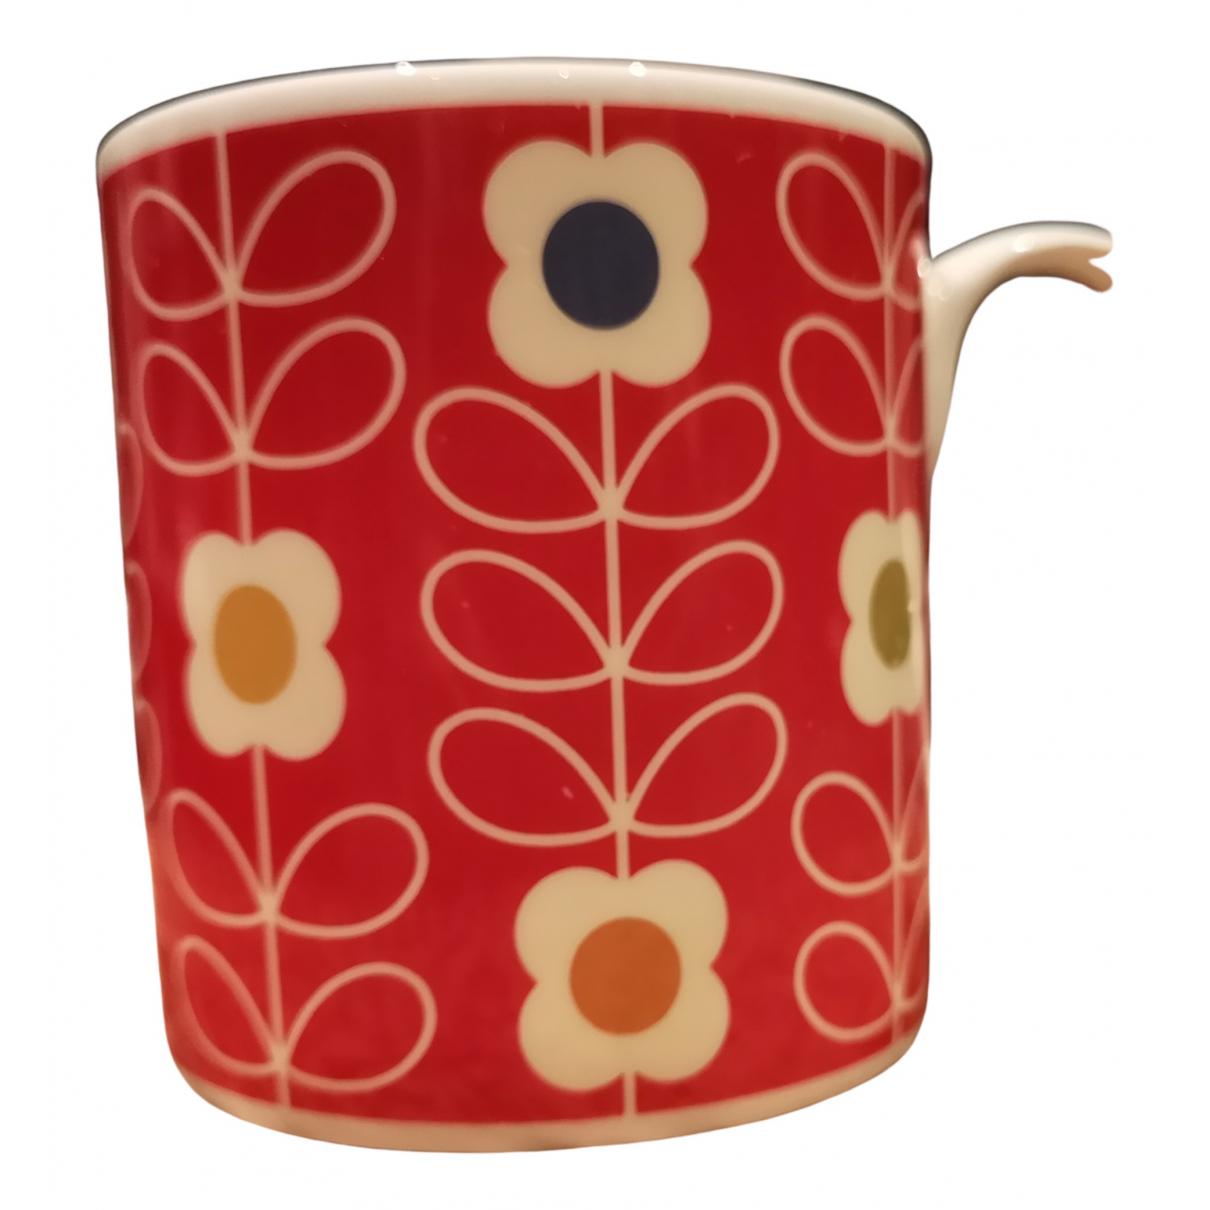 Orla Kiely - Arts de la table   pour lifestyle en ceramique - multicolore